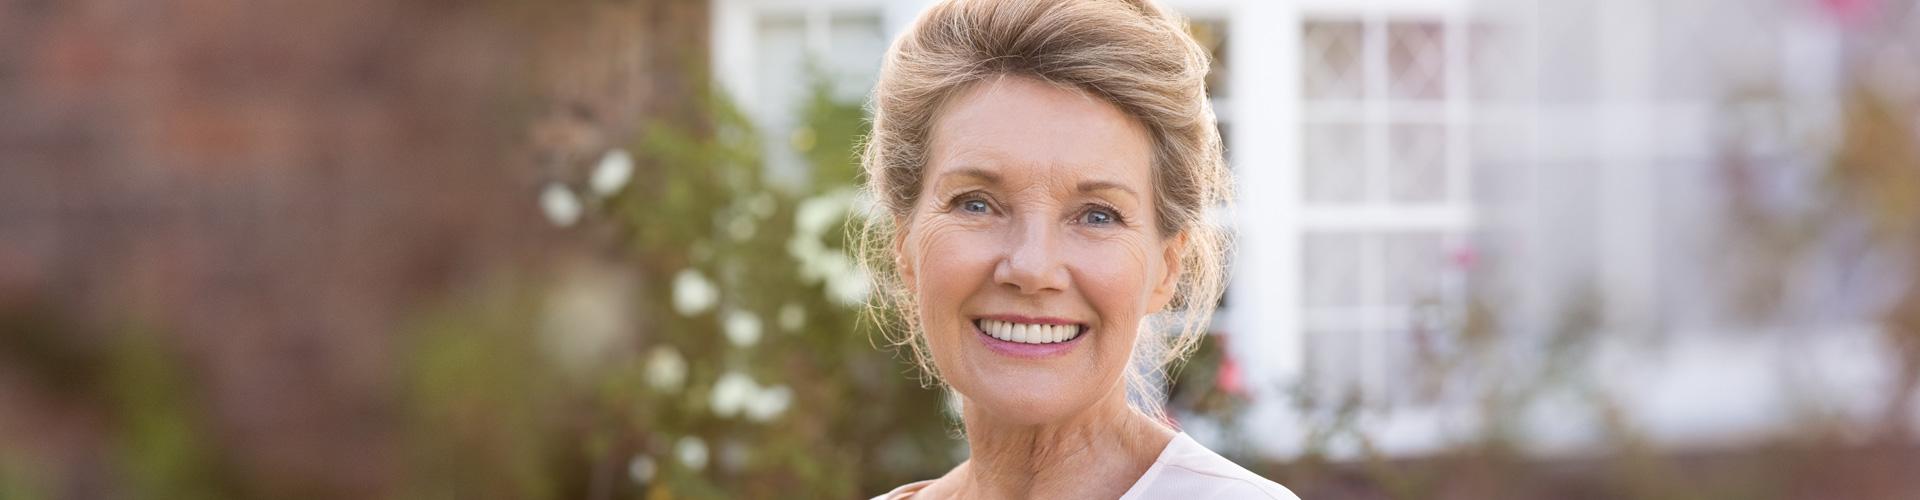 Mood-Bild für die Praxis für Oralchirurgie von Dr. Annette Felderhoff-Fischer in München 5